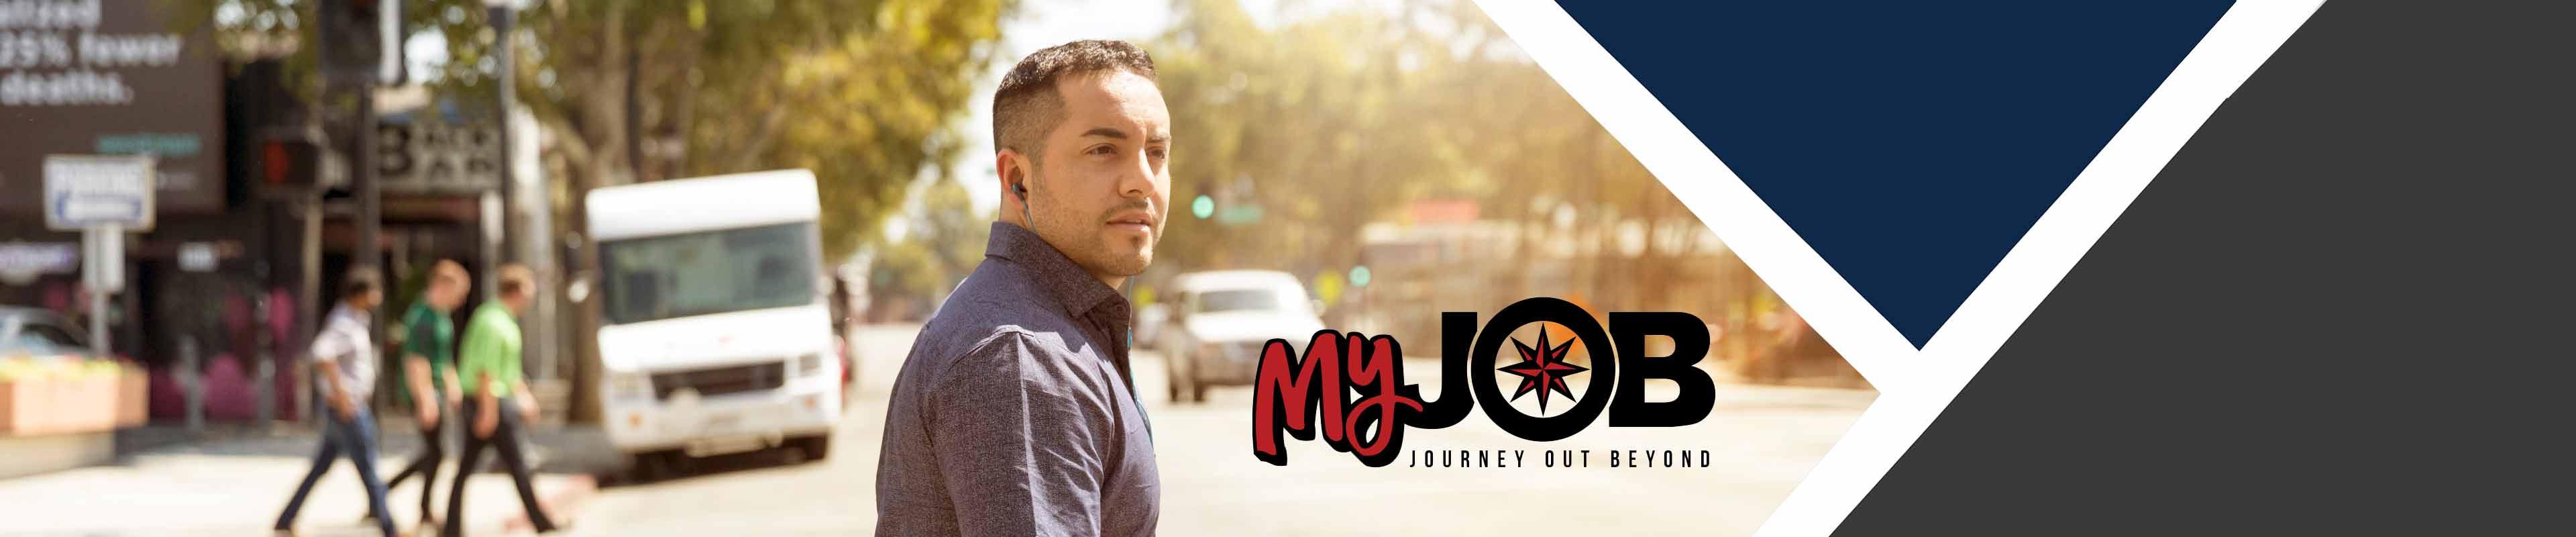 MyJOb banner image